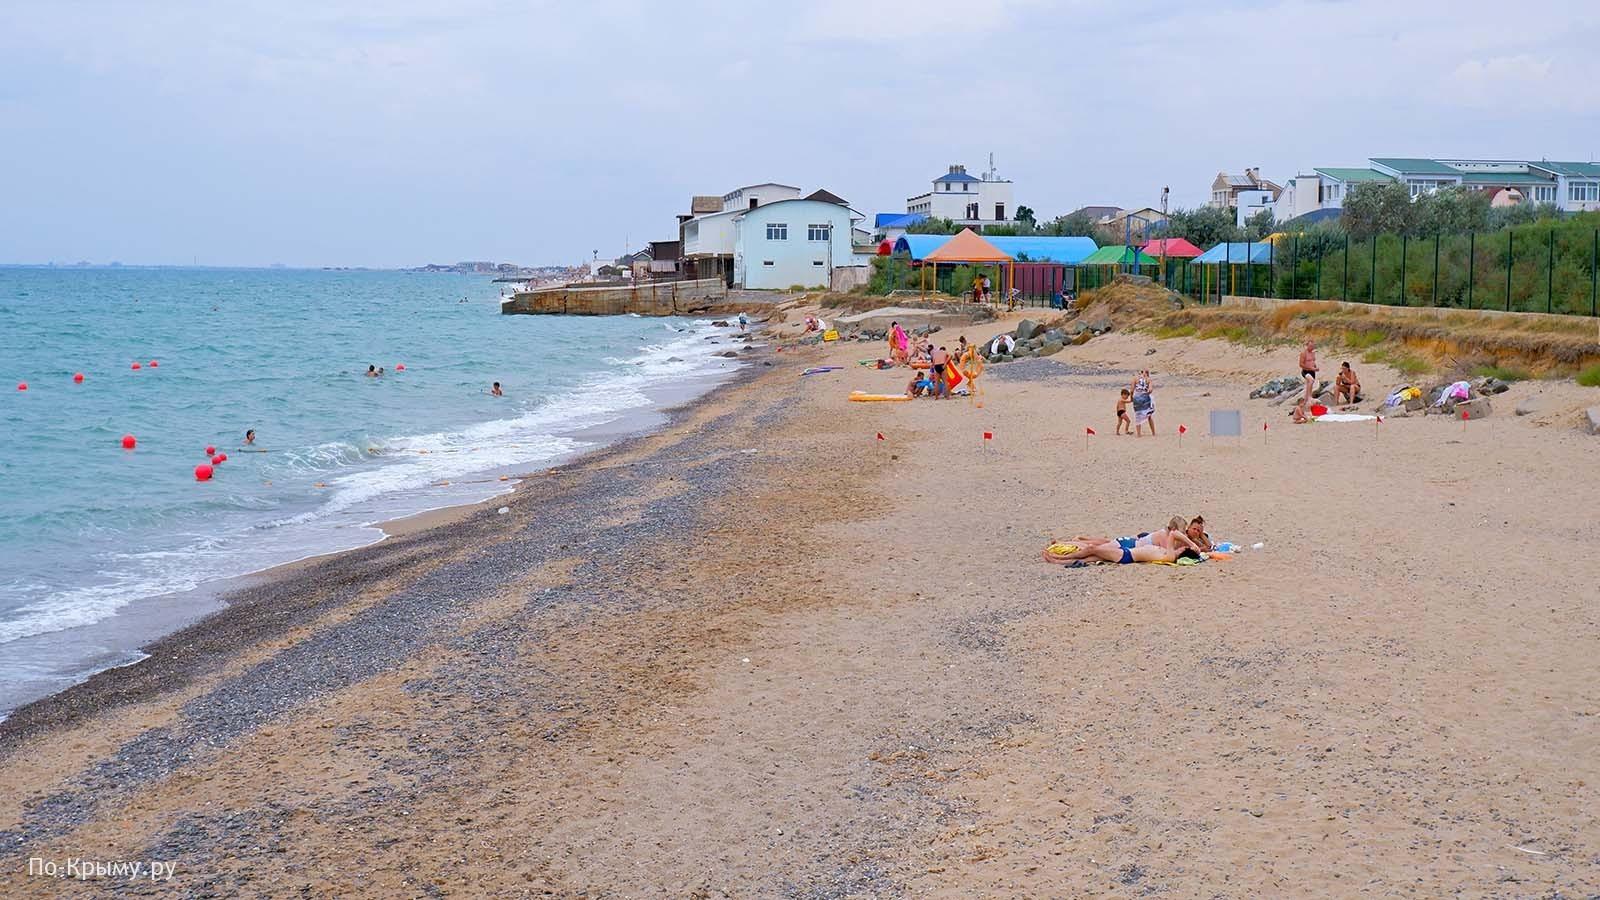 Пляж Арт-Квест №СА-01, Саки